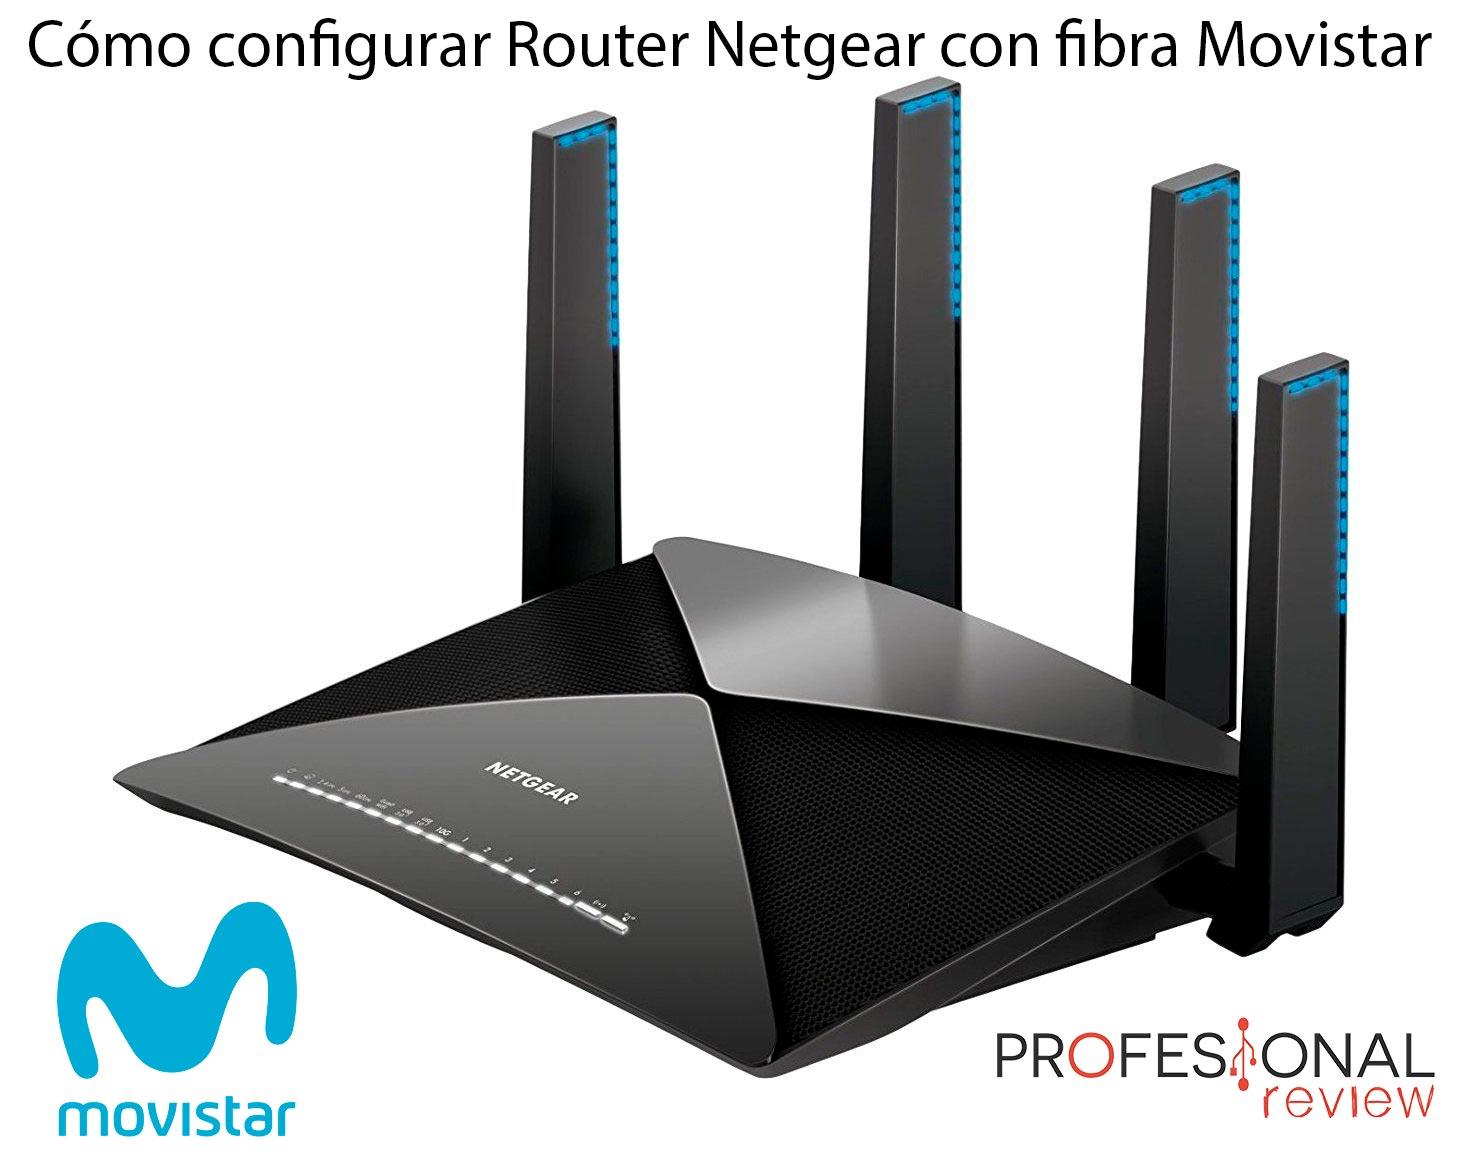 Router Netgear con fibra de movistar